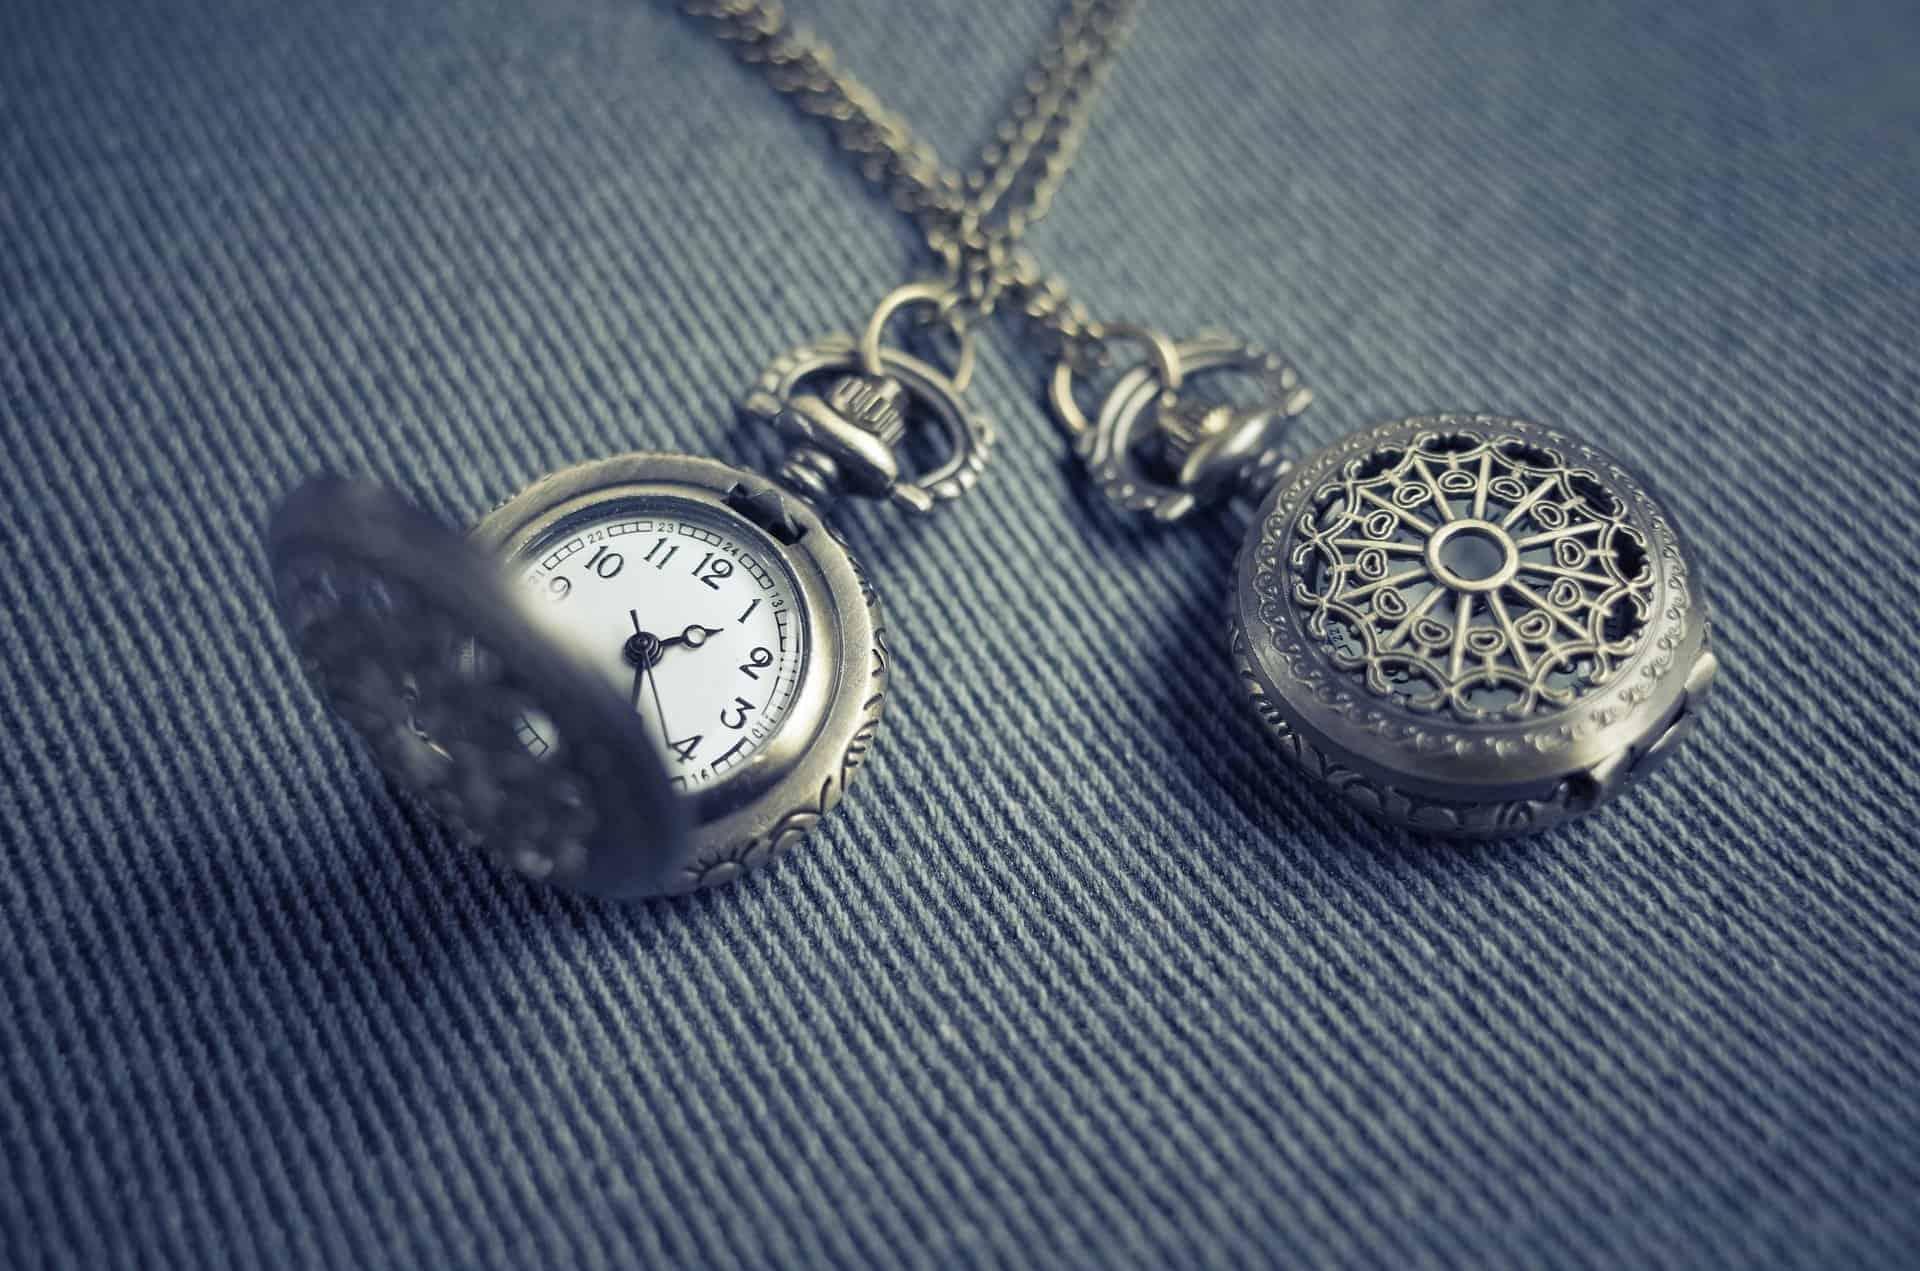 zegarek symbol przemijającego czasu - pogotowie pogrzebowe